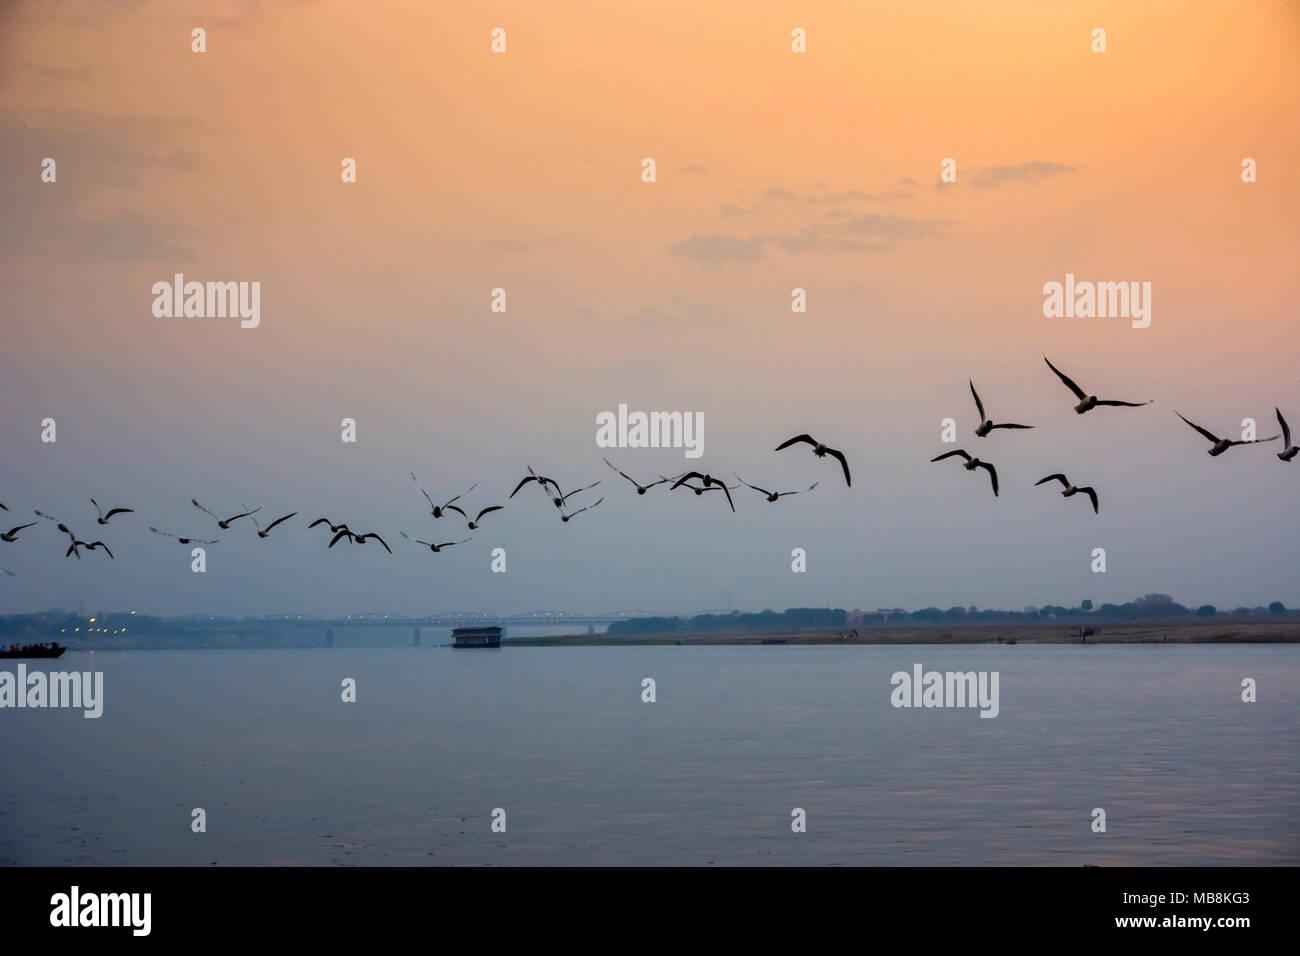 Uno stormo di uccelli vola sopra il fiume Gange al tramonto a Varanesi, Uttar Pradesh, India Immagini Stock